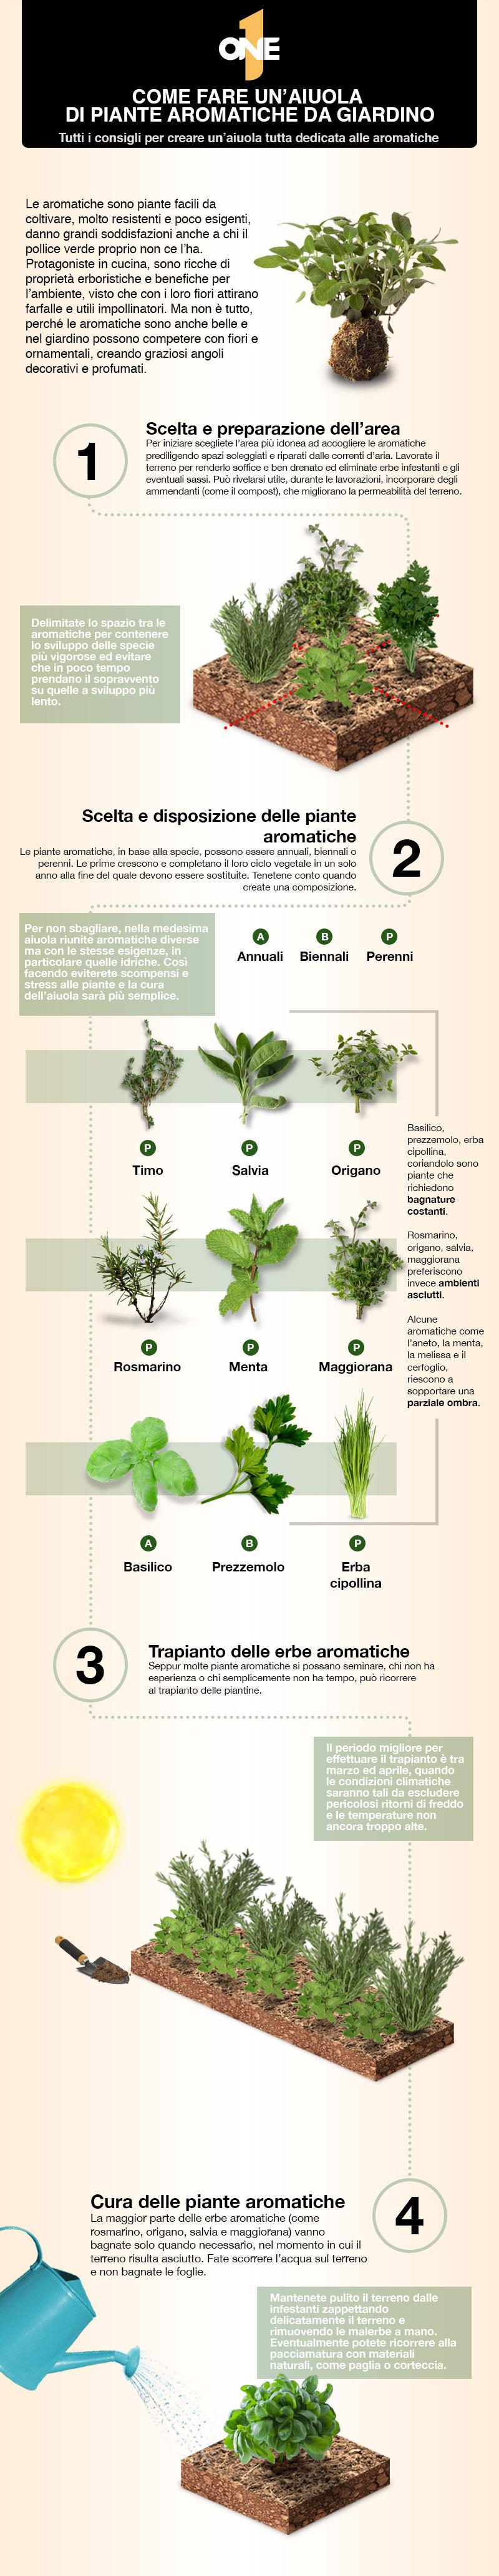 coltivare-piante-aromatiche-in-terrazzo